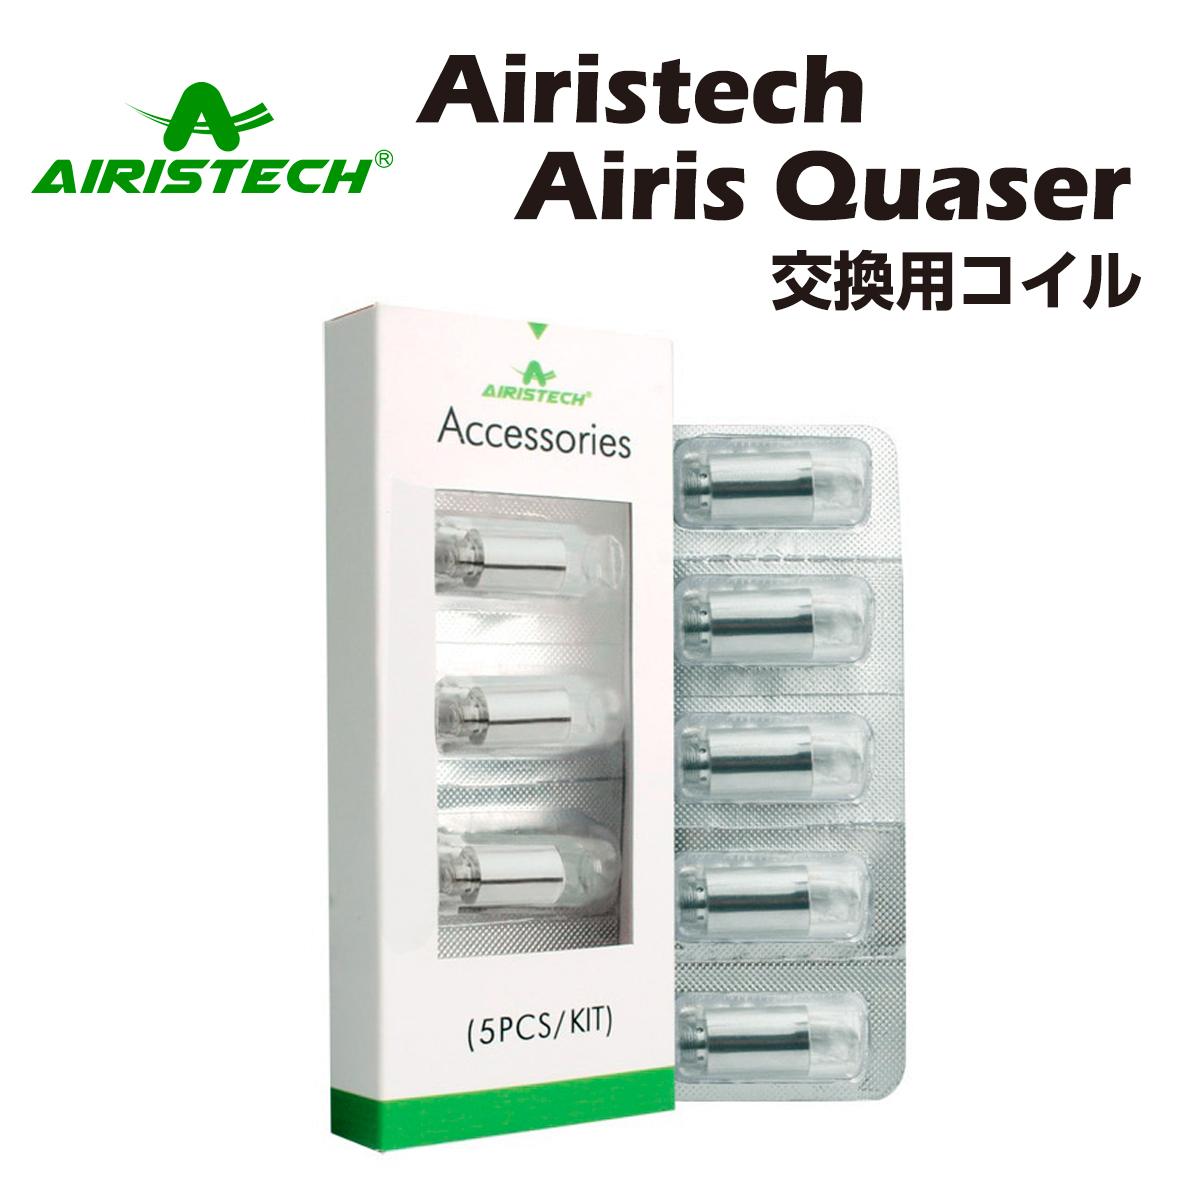 CBD ワックス wax パウダー ダブ 510スレッド対応 送料無料 Airistech クエーサー cbd airis 実物 交換用コイル ワックス専用ヴェポライザー アイリス Quaser 高級な 5個入